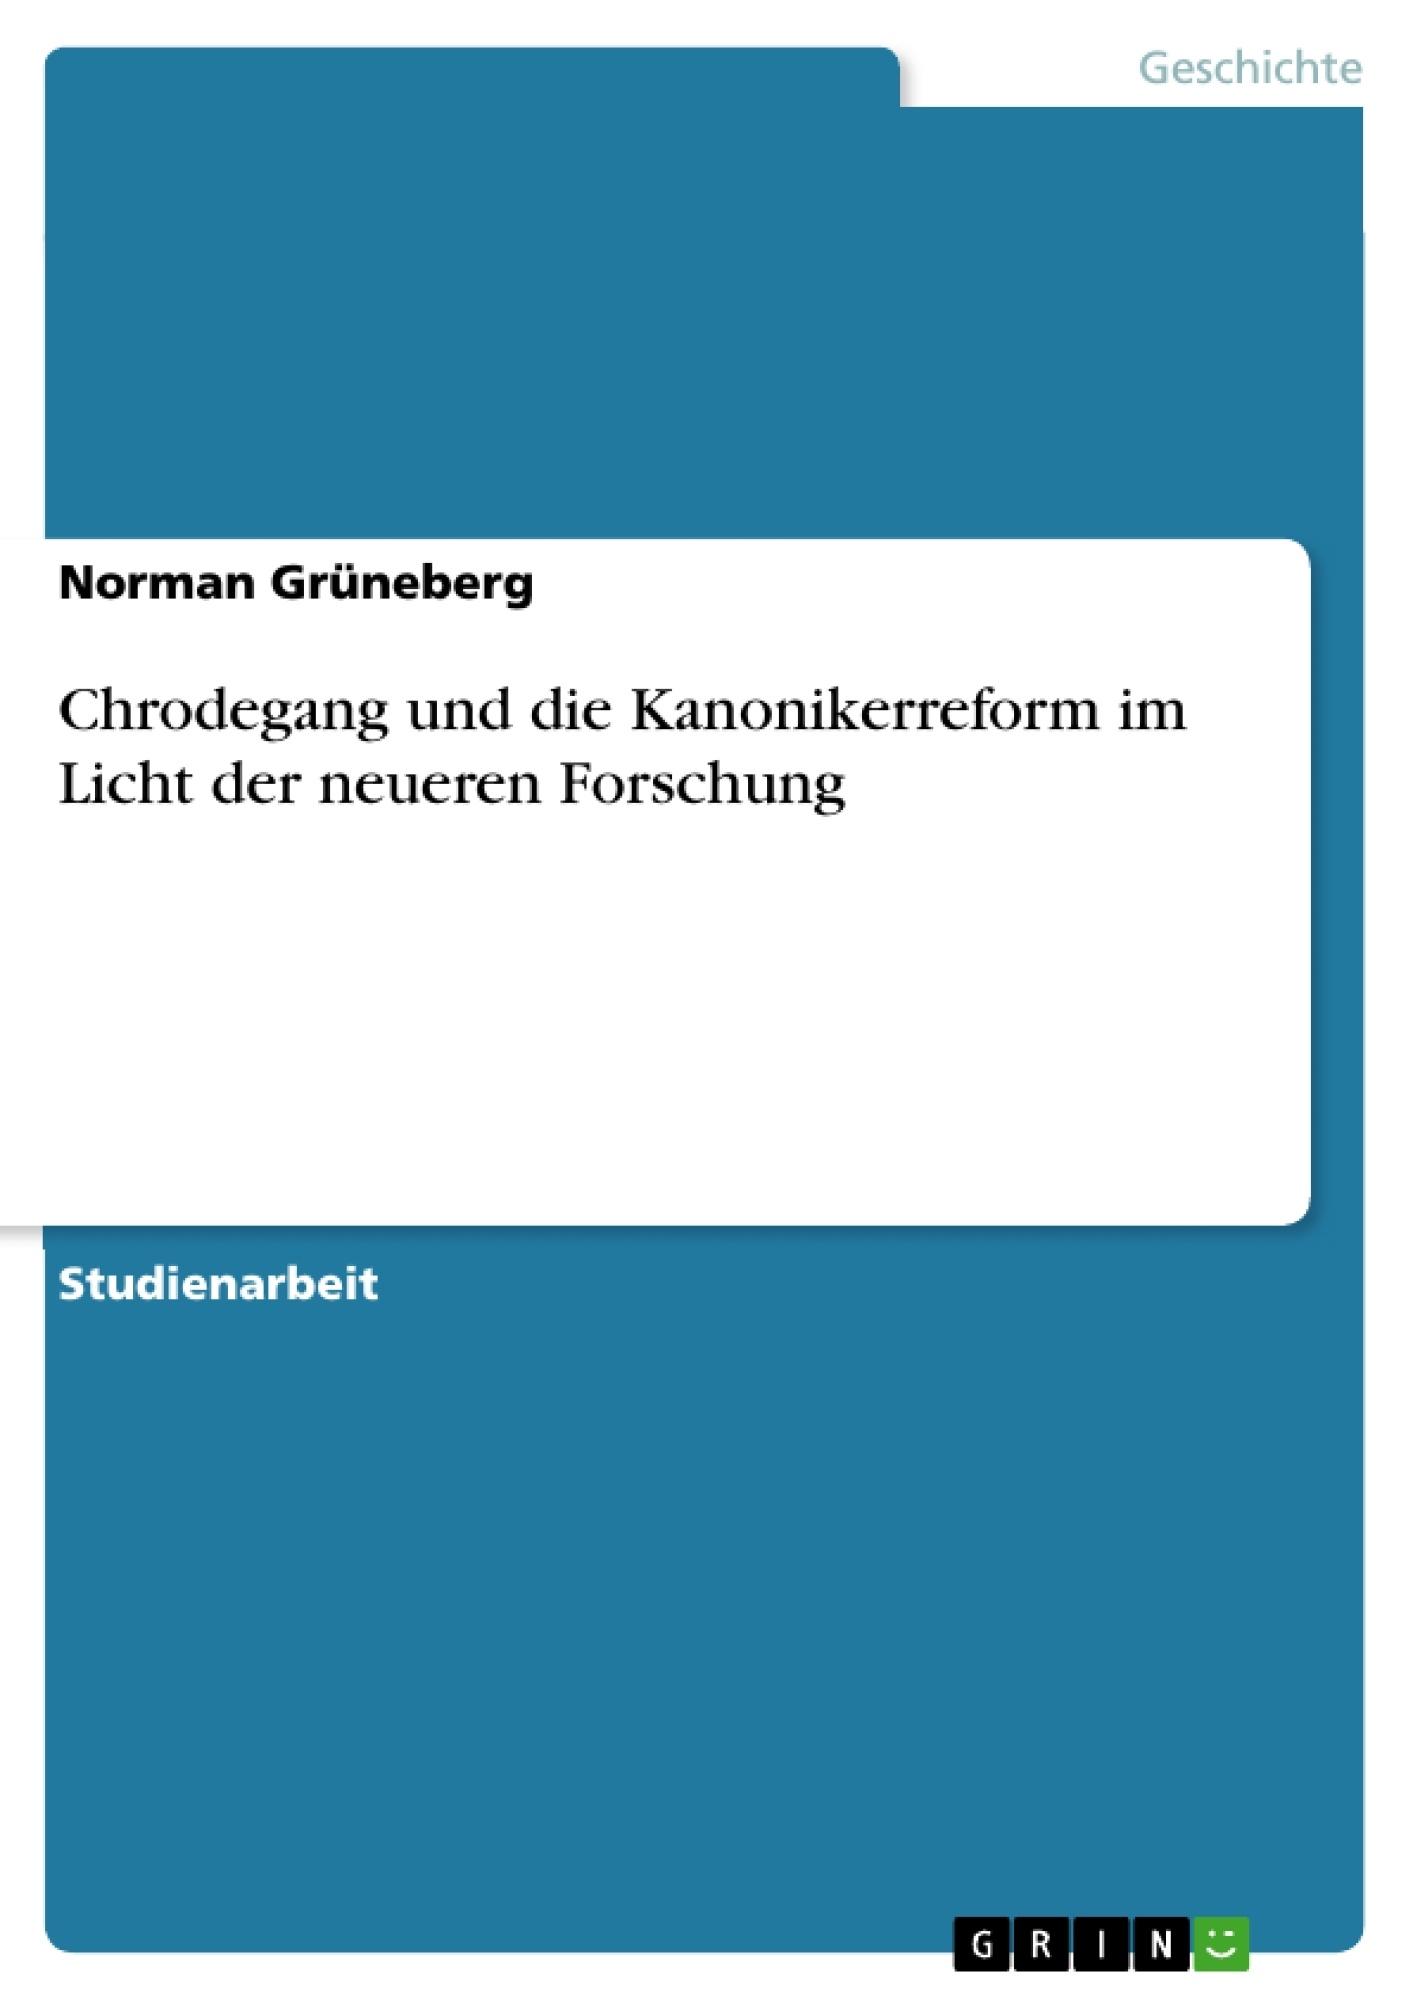 Titel: Chrodegang und die Kanonikerreform im Licht der neueren Forschung